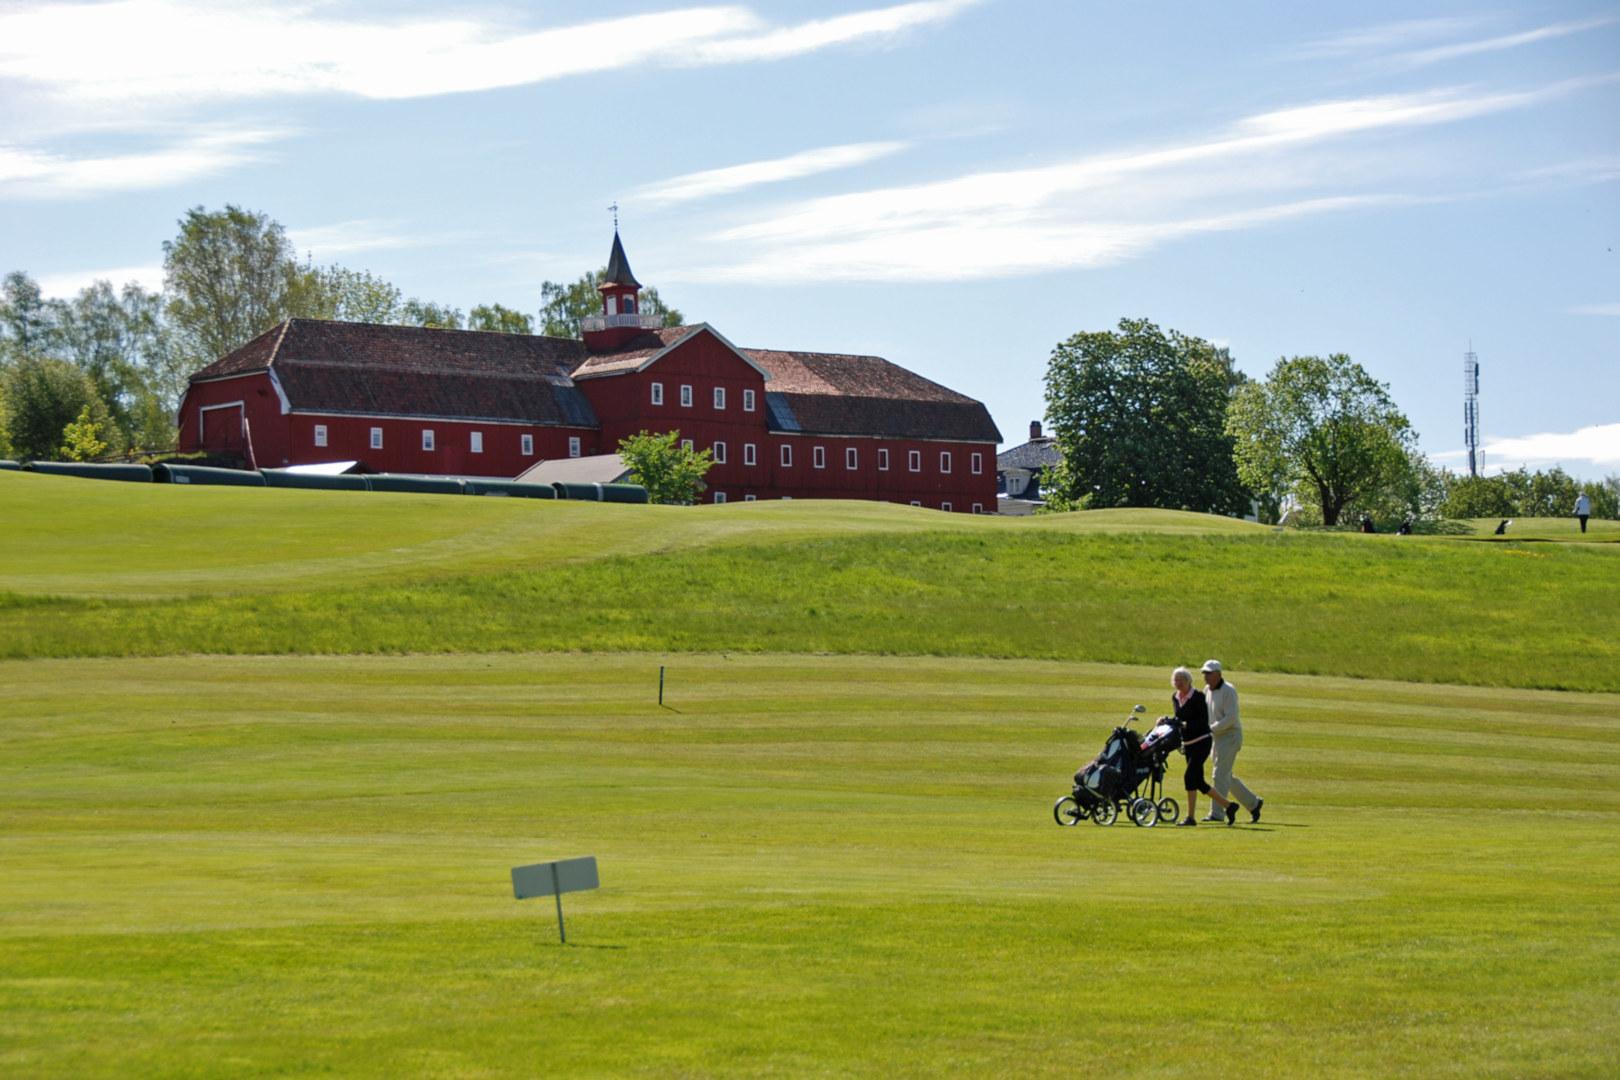 2_ToppGolf-Nordhaug Golf Course - ToppGolf